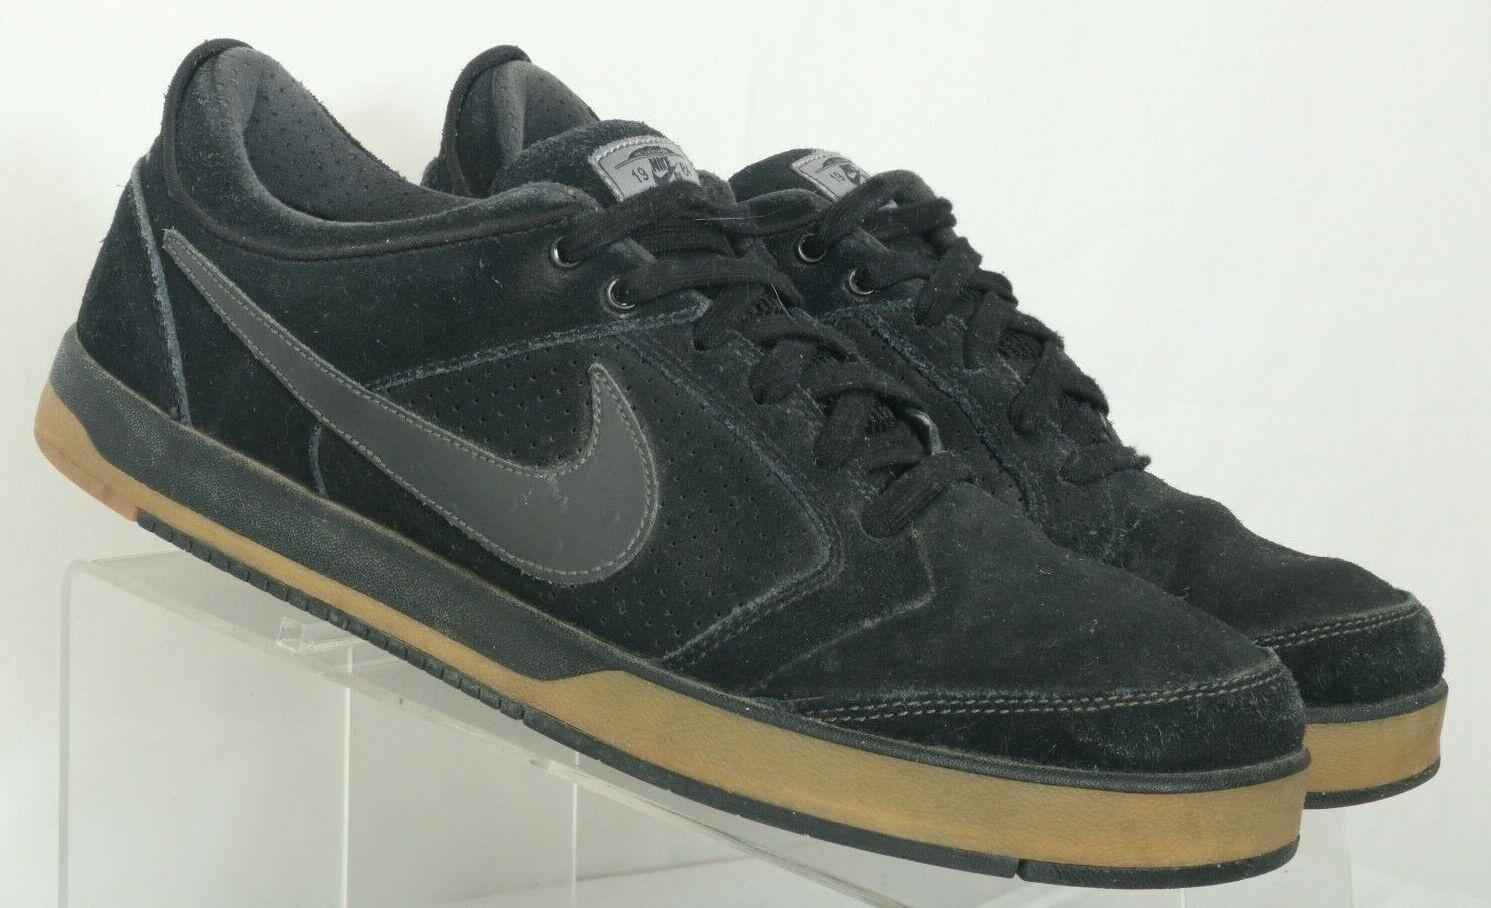 nike 407437-003 sb paul rodriguez struzzo black black black scarpe uomini noi 10,5 | Nuovo  | Gentiluomo/Signora Scarpa  | Uomini/Donne Scarpa  4b428d